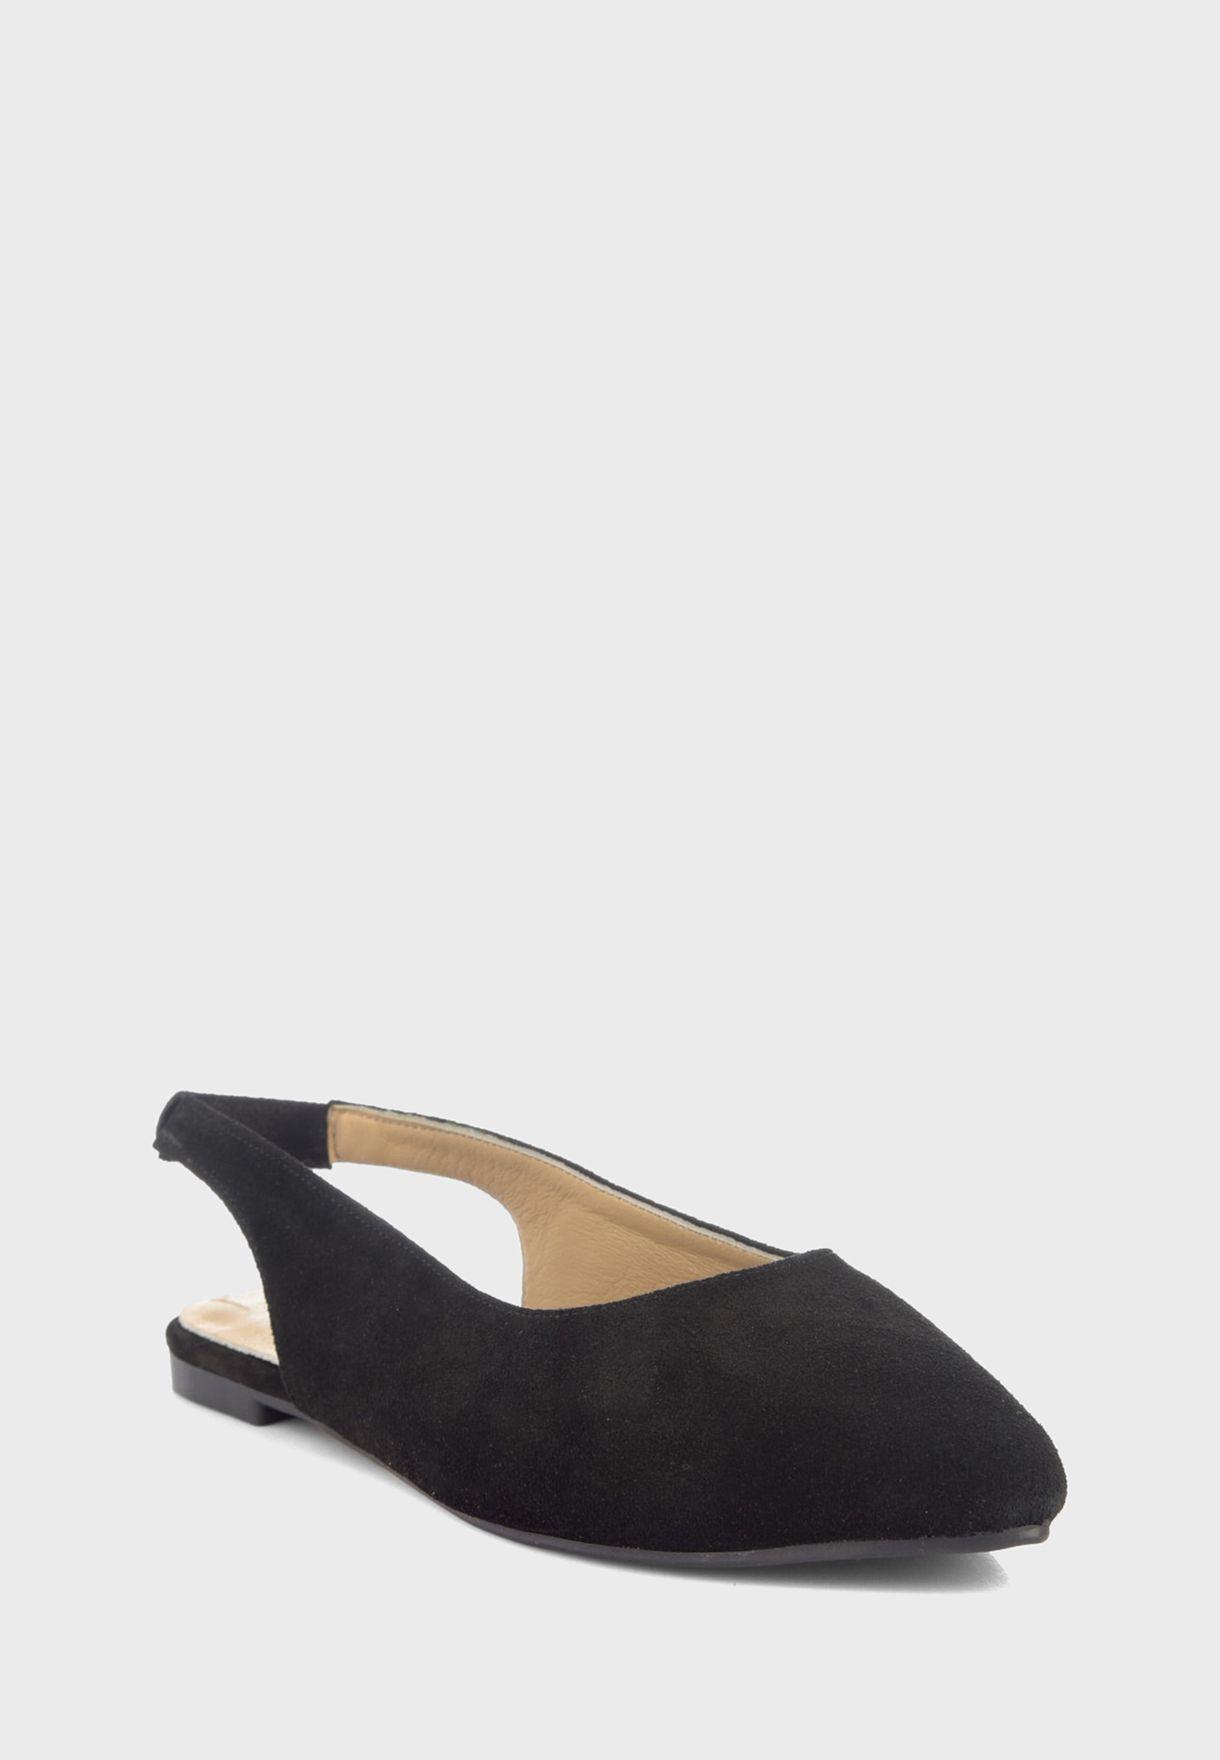 Pointed Toe Low Heel Pump